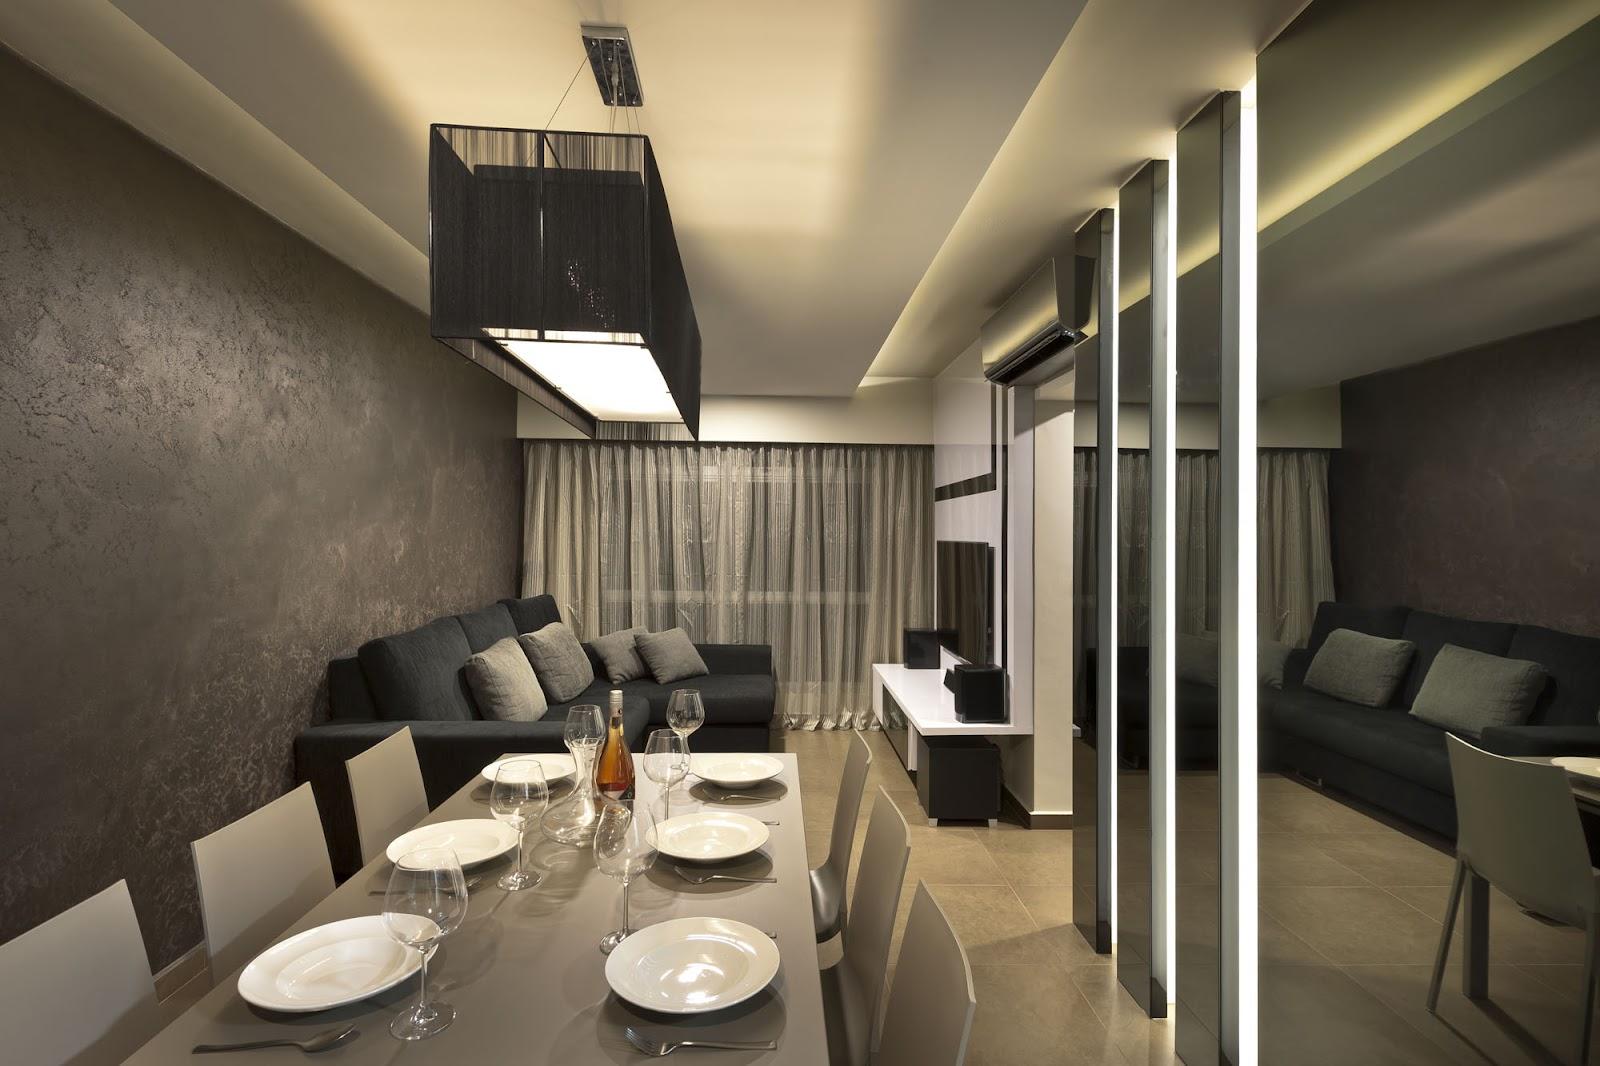 Singapore HDB Room Interior Design